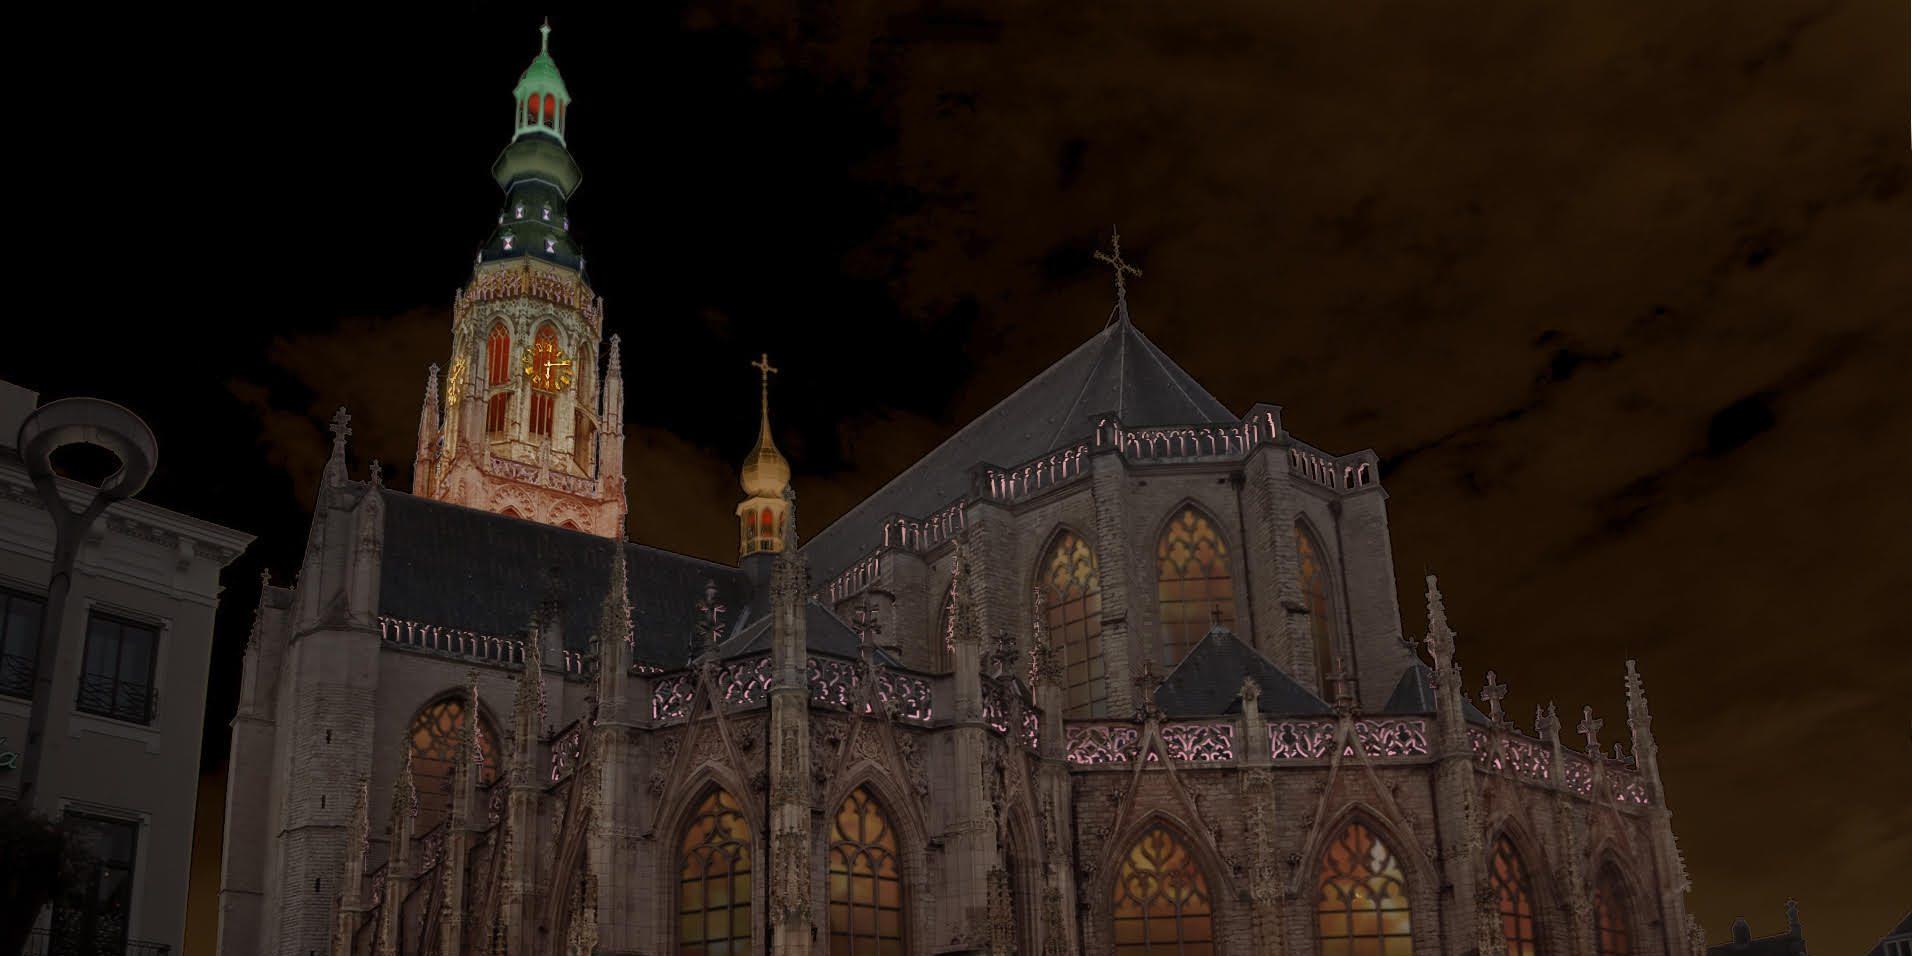 Onthulling nieuwe verlichting Grote Kerk Breda met lichtshow